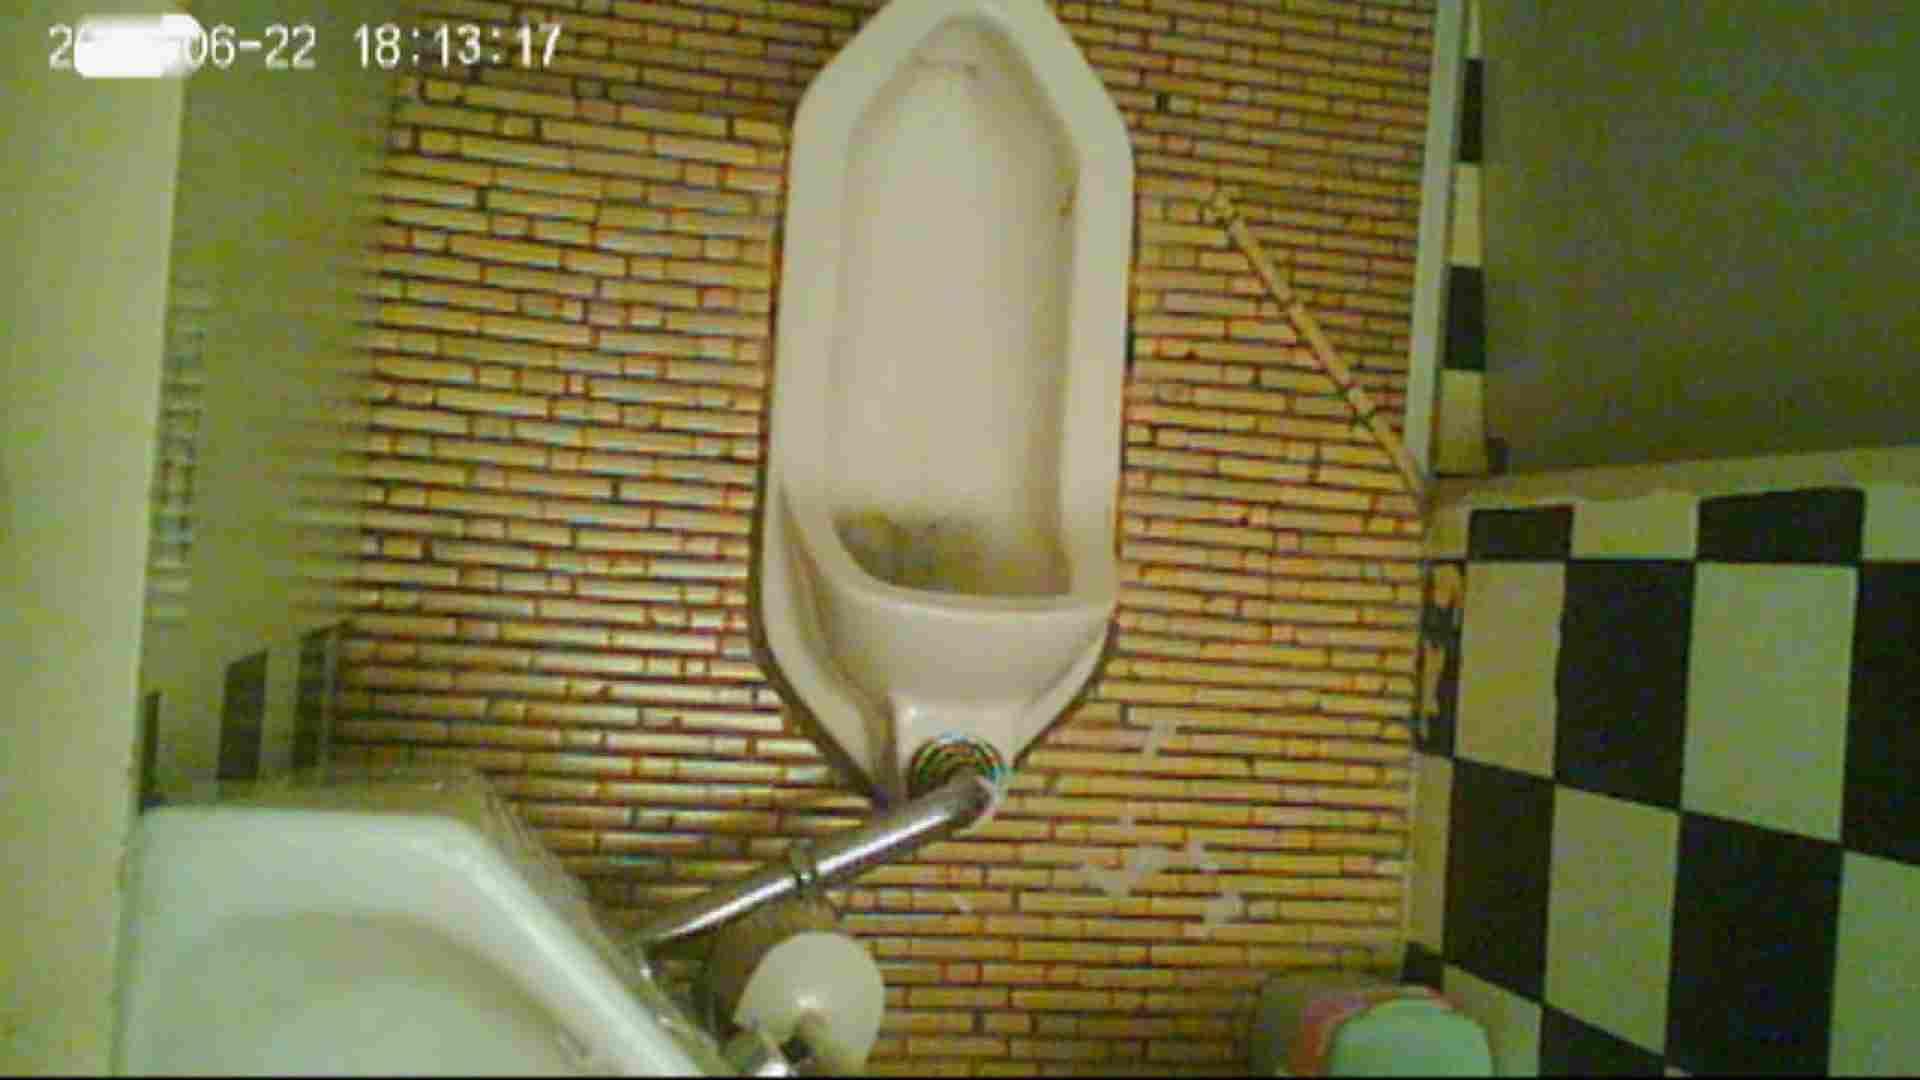 和式トイレの喫茶店店主マロンさんのコレクションvol.3 排泄隠し撮り セックス画像 87pic 19